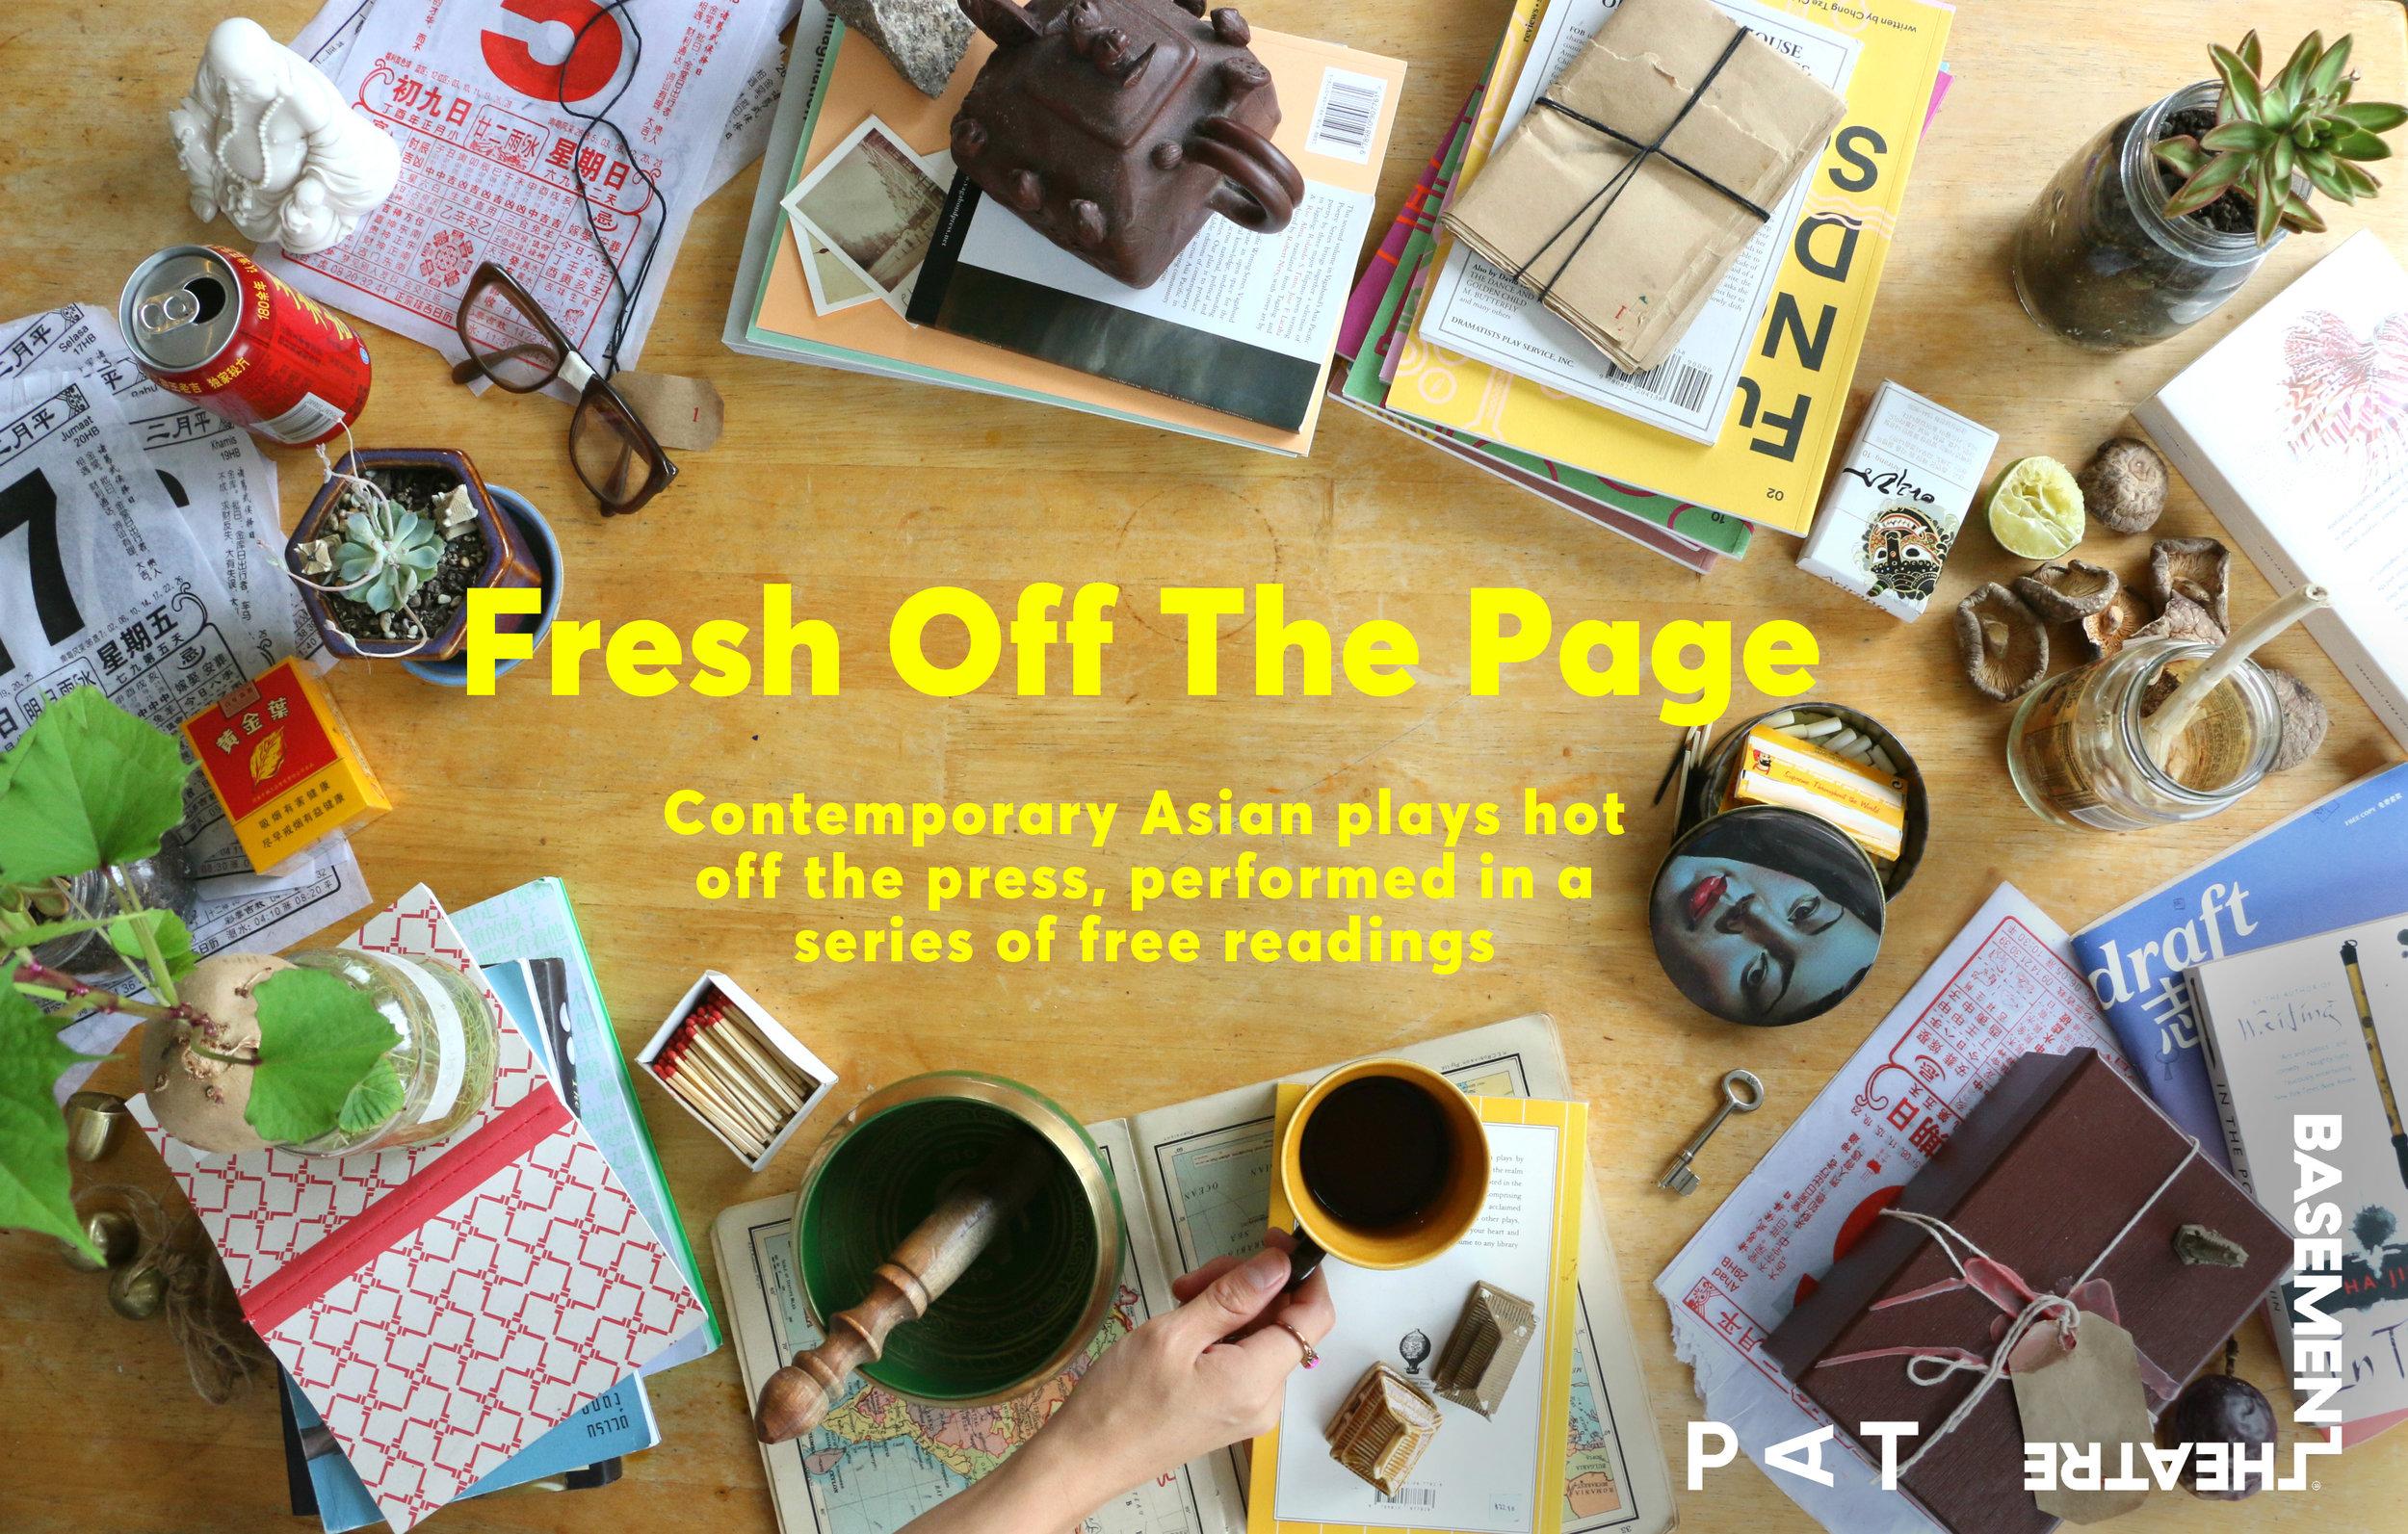 FreshOffThePage-copy